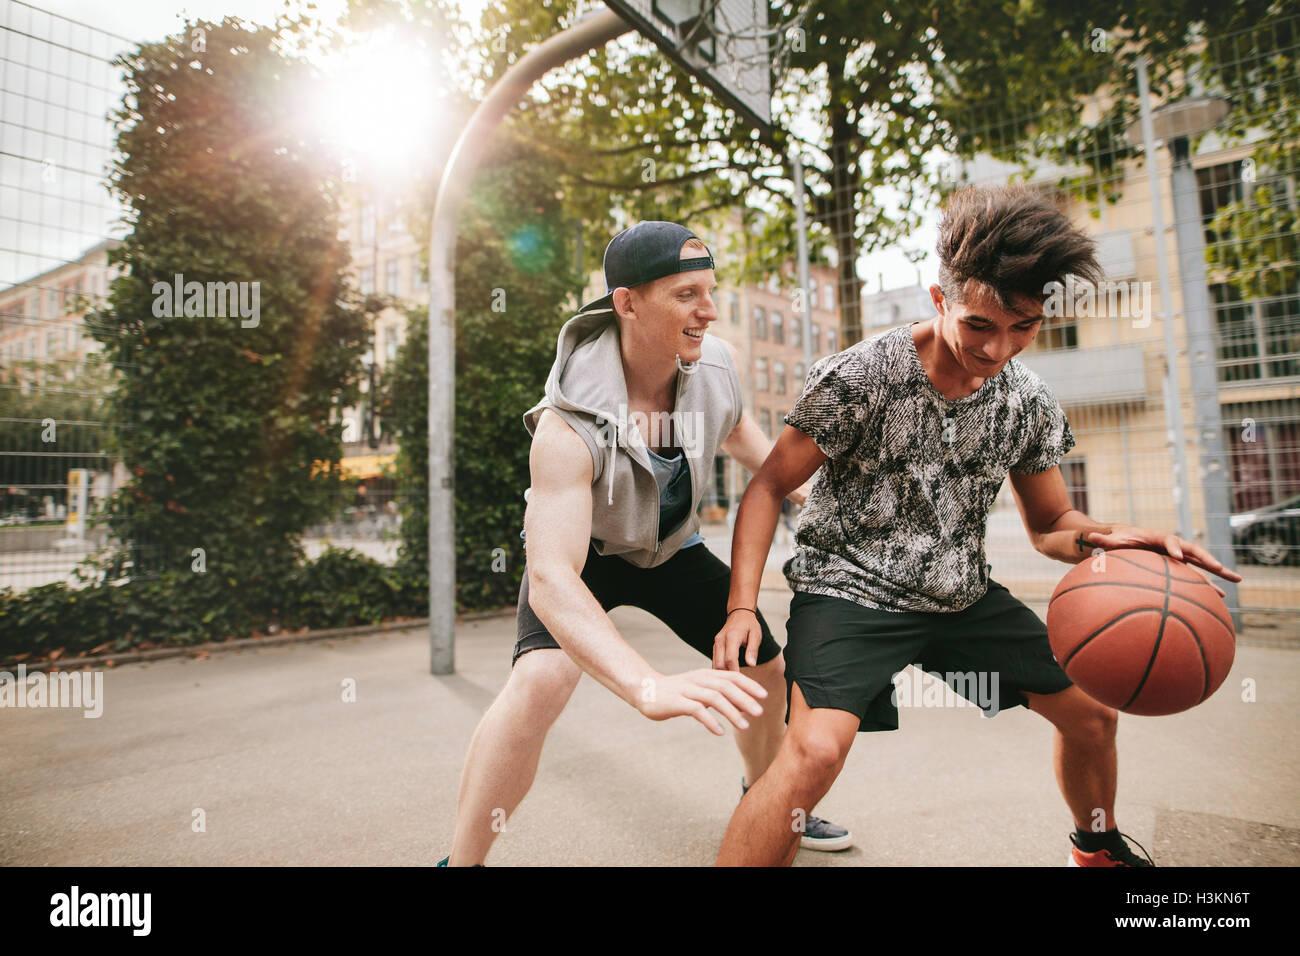 Due giovani amici giocare a basket sulla corte all'aperto e divertirsi. Streetball giocatori avente un gioco Immagini Stock